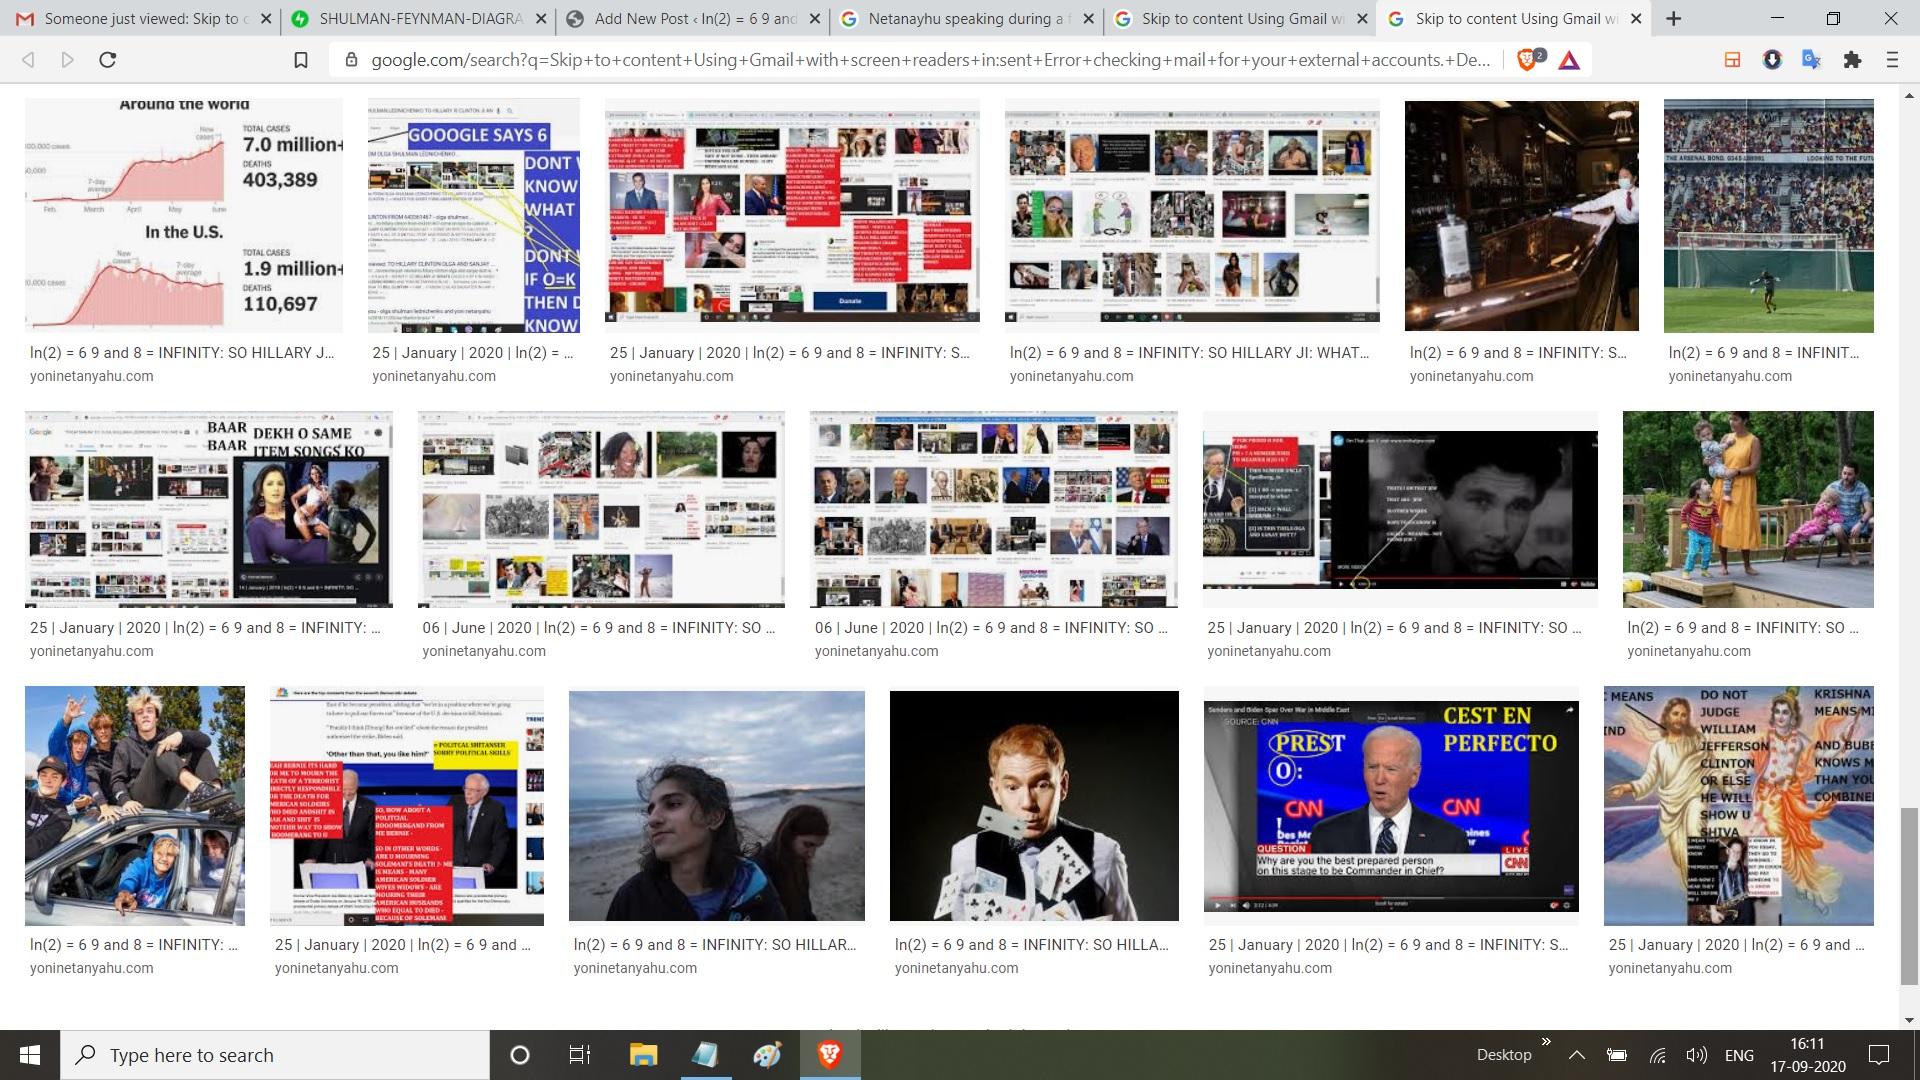 """"""" Skip to content Using Gmail with screen readers in:sent Error checking mail for your external accounts. Details Dismiss 3 of 12,228 About 160 results (0.41 seconds) Showing results for KHAT KA MAJNOON BHAP LETE HAIN LIFAFA DEKH KAR No results found for KHAT KA MAJNON BHANP LETE HAIN LIYFAFA DEK KAR Search Results Web results hi.quora.com › इन-दो-कहावतों-खत-का-मजम... खत का मजमून भांप लेते हैं लिफाफा देख कर - Quora- Translate this page 12 answers इन दो कहावतों, """"खत का मजमून भांप लेते हैं लिफाफा देख कर"""" और ... गली-मोहल्ले के किसी भी मजनू छाप लड़के से पूछ कर देख ले । AND REST OF U - IT [A] YES HAS 16 0 [3] 3 MORE MEANS? YEAH - 163 IS WHICH ITEM SONG SUNDAR MY MAN? AND ? -> BUBBA SHE WAS 16 - AND BIBI AND ? Ajay Mishra Attachments 9:41 PM (4 minutes ago) to 208 About 160 results (0.41 seconds) Showing results for KHAT KA MAJNOON BHAP LETE HAIN LIFAFA DEKH KAR No results found for KHAT KA MAJNON BHANP LETE HAIN LIYFAFA DEK KAR Search Results Web results hi.quora.com › इन-दो-कहावतों-खत-का-मजम... खत का मजमून भांप लेते हैं लिफाफा देख कर - Quora- Translate this page 12 answers इन दो कहावतों, """"खत का मजमून भांप लेते हैं लिफाफा देख कर"""" और ... गली-मोहल्ले के किसी भी मजनू छाप लड़के से पूछ कर देख ले । AND REST OF U - IT [A] YES HAS 16 0 [3] 3 MORE MEANS? YEAH - 163 IS WHICH ITEM SONG SUNDAR MY MAN? AND ? -> BUBBA SHE WAS 16 - AND BIBI AND ? IT WOUDL BE PSOTED THERE AT YONI NETANAYHU DOT COM BLOG FOR BETETR VISISON AND LIGHTS HEREI POST BEAUSE OF - A DOT -:) EVERYTHING KNSIDSKY SAID WSYARTS WTHA DOT :) Accessibility links Skip to main content Accessibility help Accessibility feedback Google KHAT KA MAJNON BHANP LETE HAIN LIYFAFA DEK KAR Search modes AllVideosNewsImagesMapsMore SettingsTools About 160 results (0.41 seconds) Showing results for KHAT KA MAJNOON BHAP LETE HAIN LIFAFA DEKH KAR No results found for KHAT KA MAJNON BHANP LETE HAIN LIYFAFA DEK KAR Search Results Web results image.png hi.quora.com › इन-दो-कहावतों-खत-का-मजम... खत का मजमून भांप लेते हैं लिफाफा देख कर - Quora """